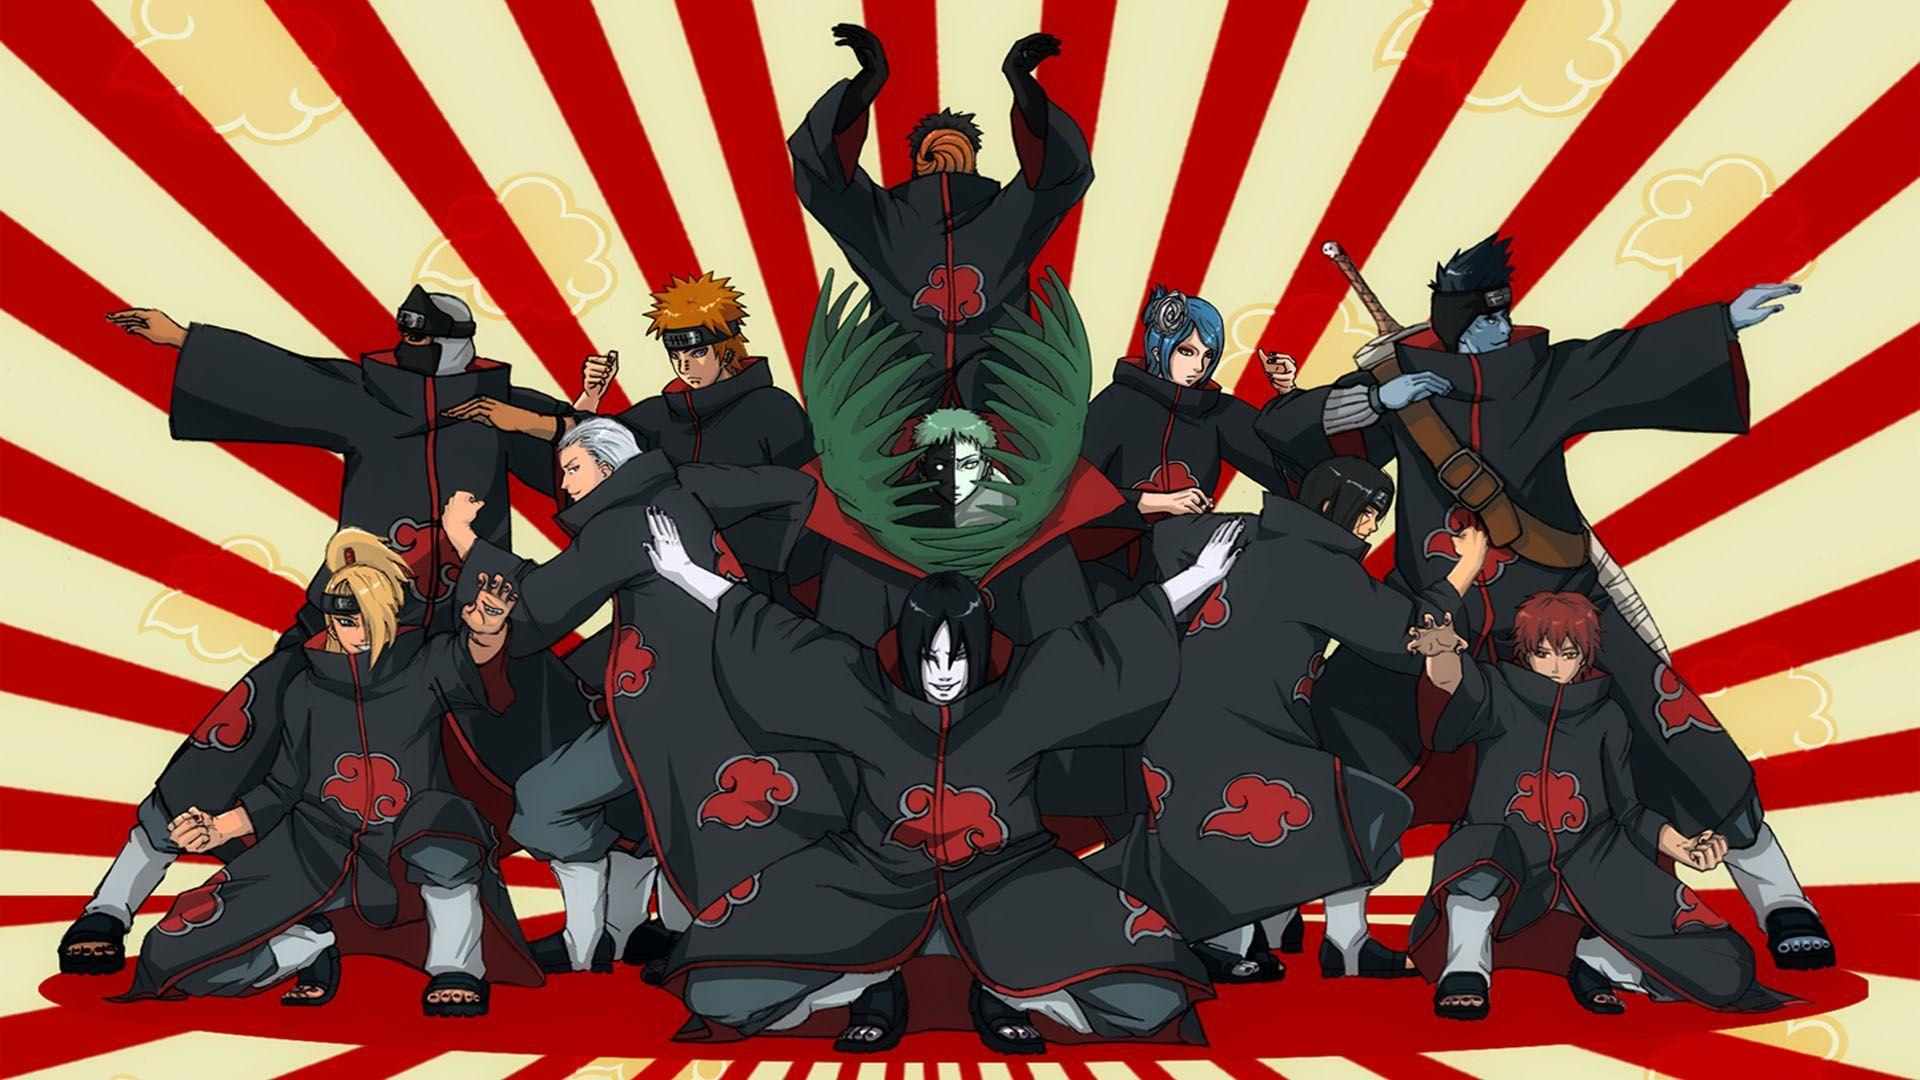 Naruto Akatsuki Wallpapers Top Free Naruto Akatsuki